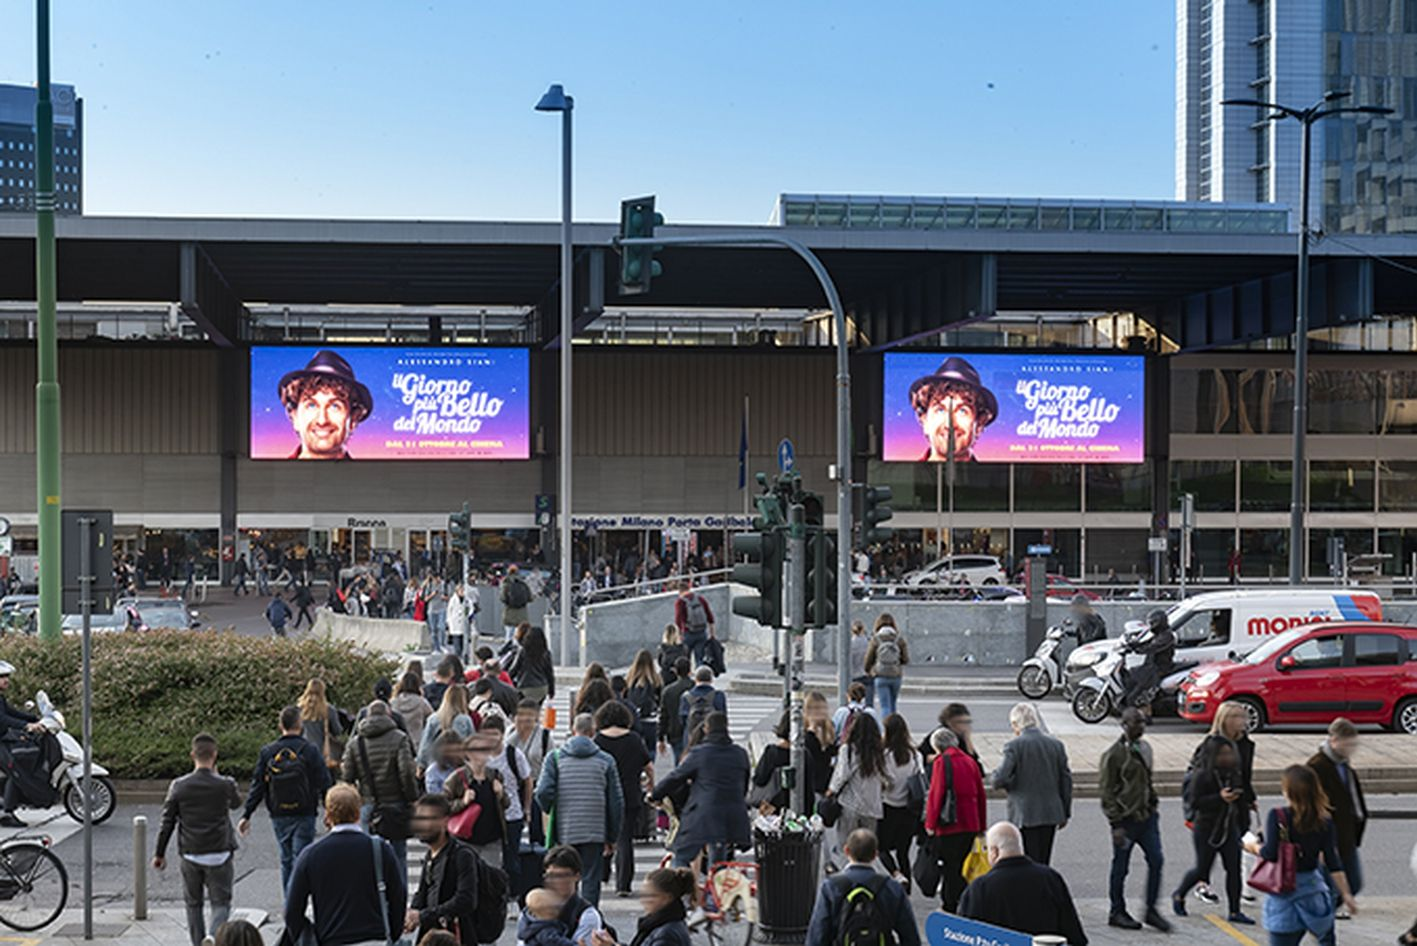 Il Giorno Piu Bello Del Mondo Maxi Ledwall Outdoor Milano Upgrademedia Adv Advertisingcampaign Upgrade Milano Siani Film Ilgiorno Maxi Urban Milano